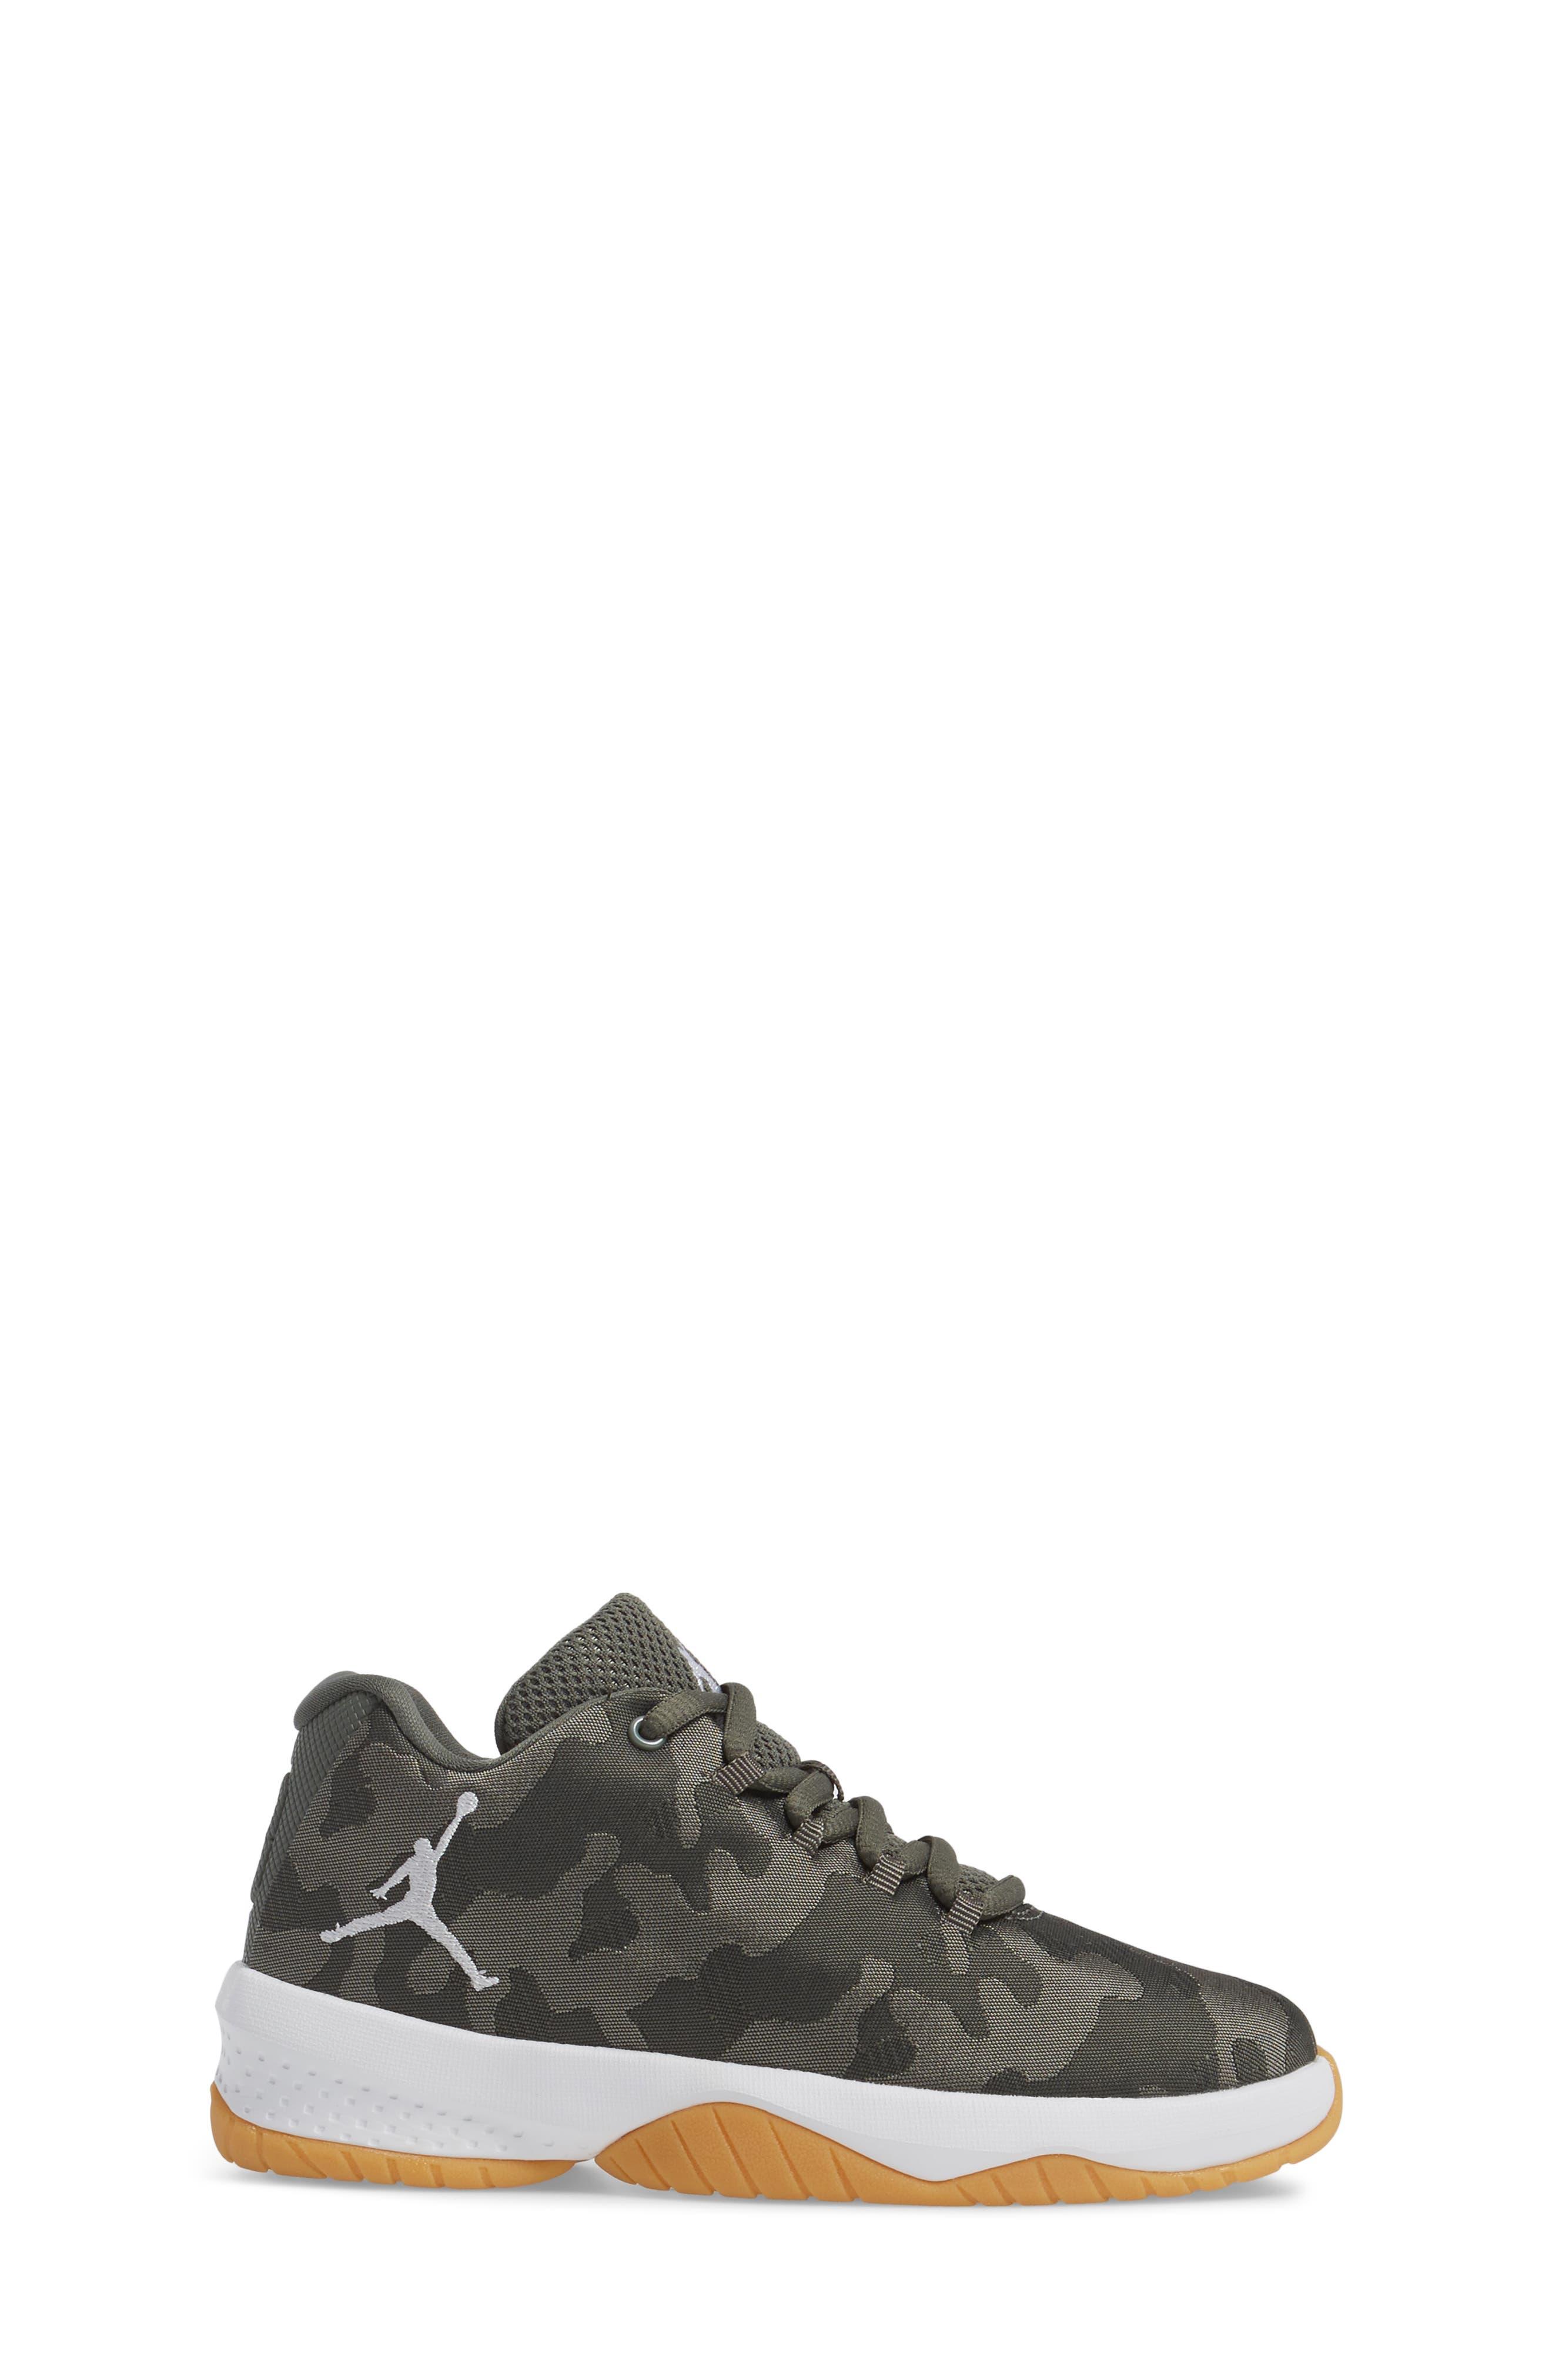 Alternate Image 3  - Nike Jordan B. Fly Basketball Shoe (Toddler & Little Kid)